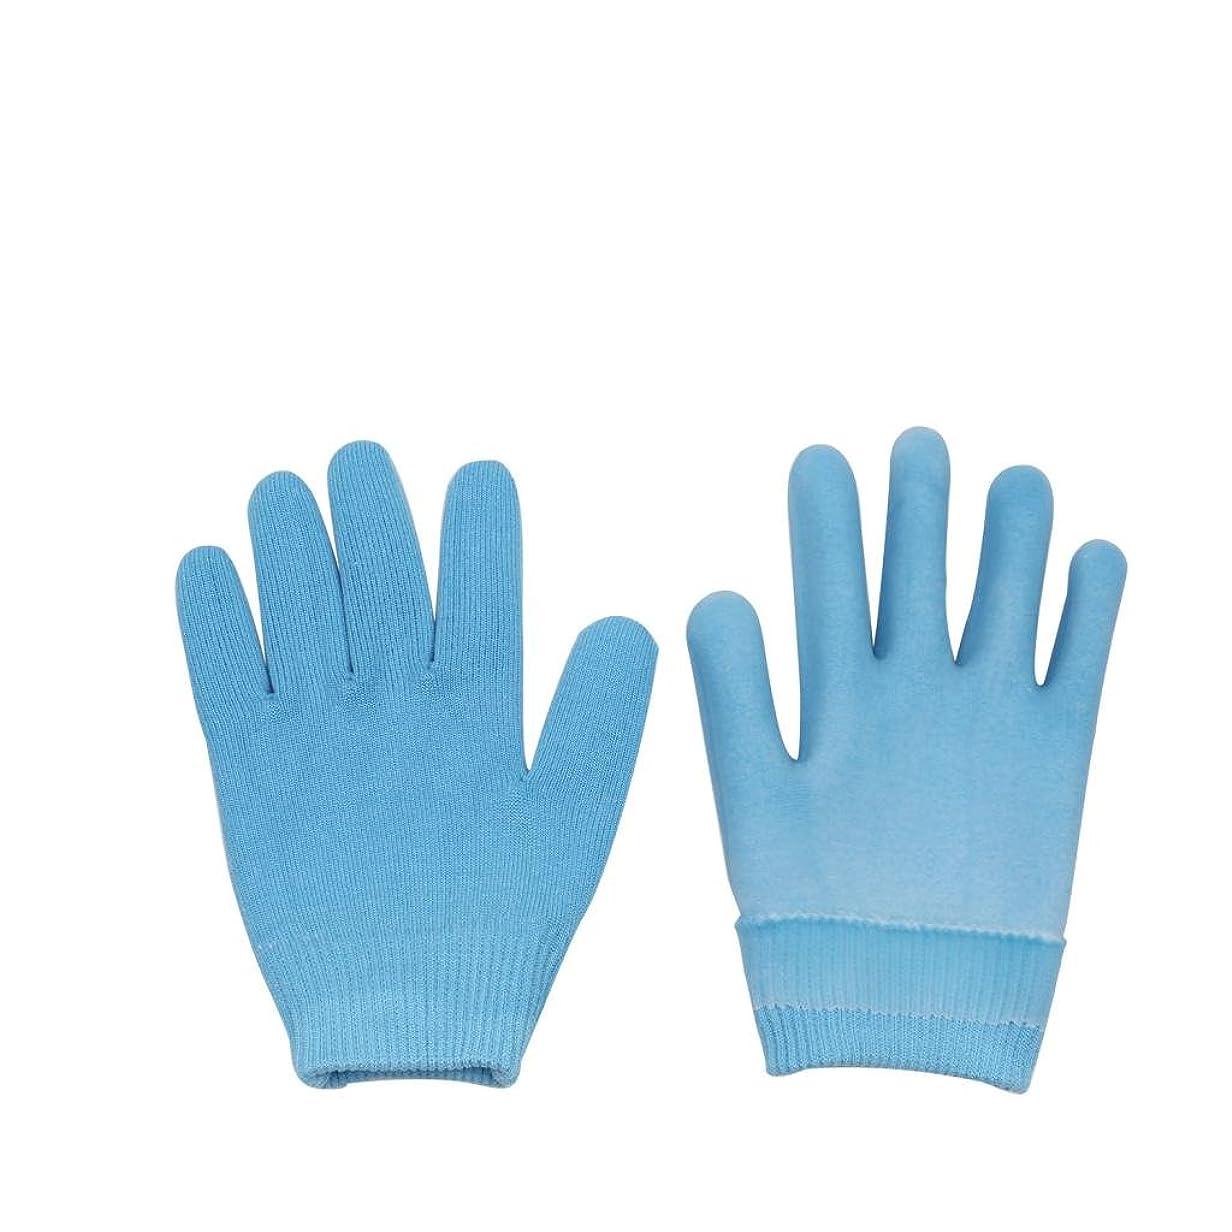 キャプテンブライ隔離する栄光Lovoski 保湿手袋 おやすみ手袋 手袋 手湿疹 乾燥防止 手荒れ 保湿 スキンケア  メンズ レディース 全3色選べ - ブルー